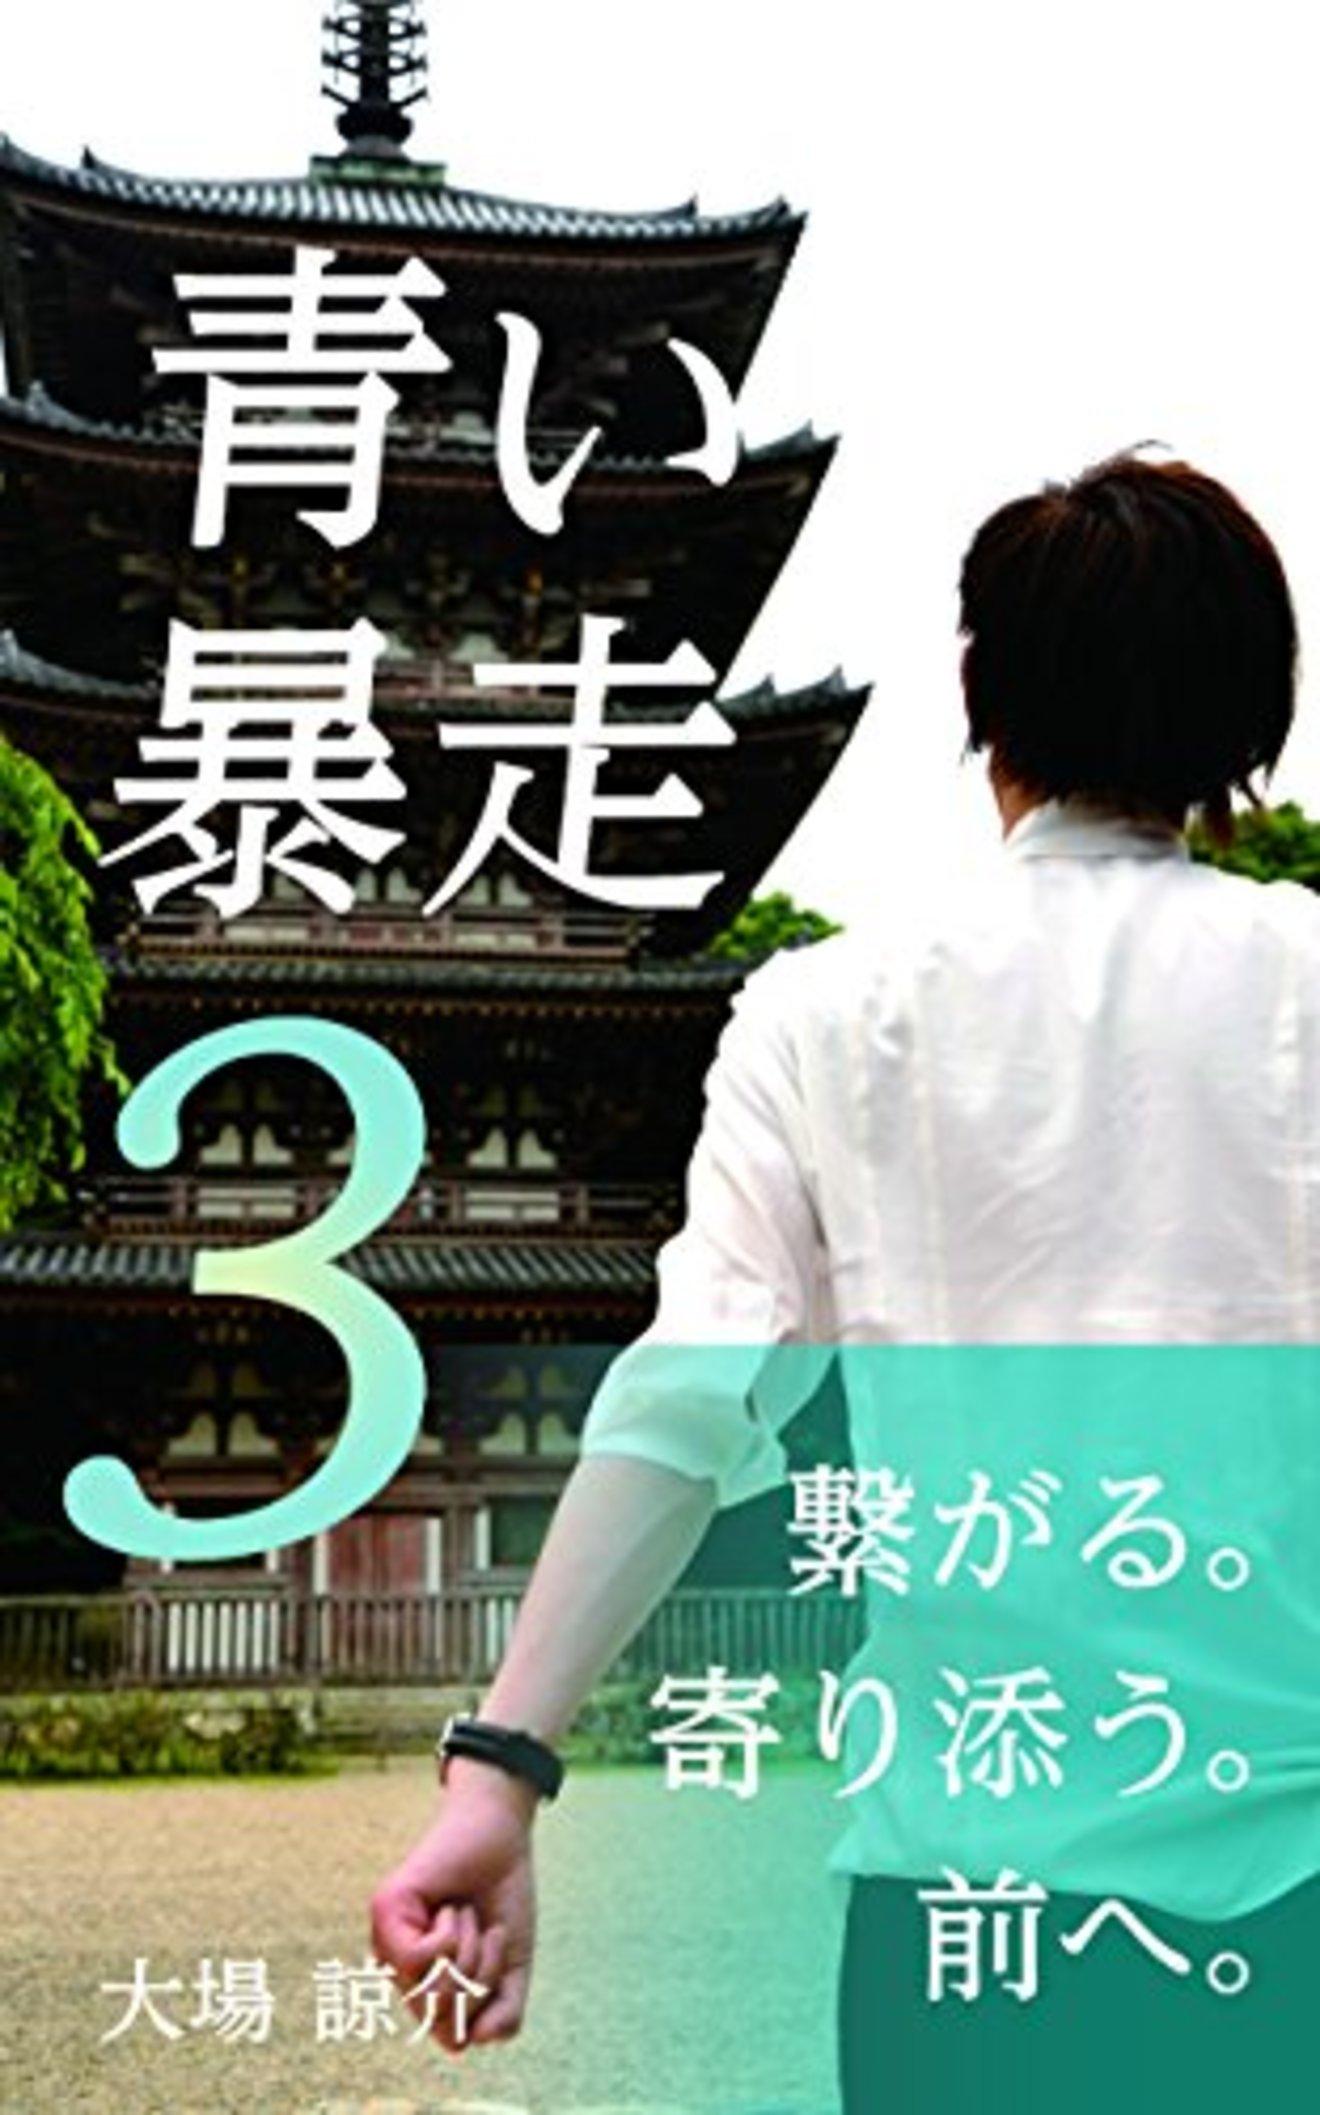 【連載小説】「ロマンティックが終わる時」第4話【毎朝6時更新】